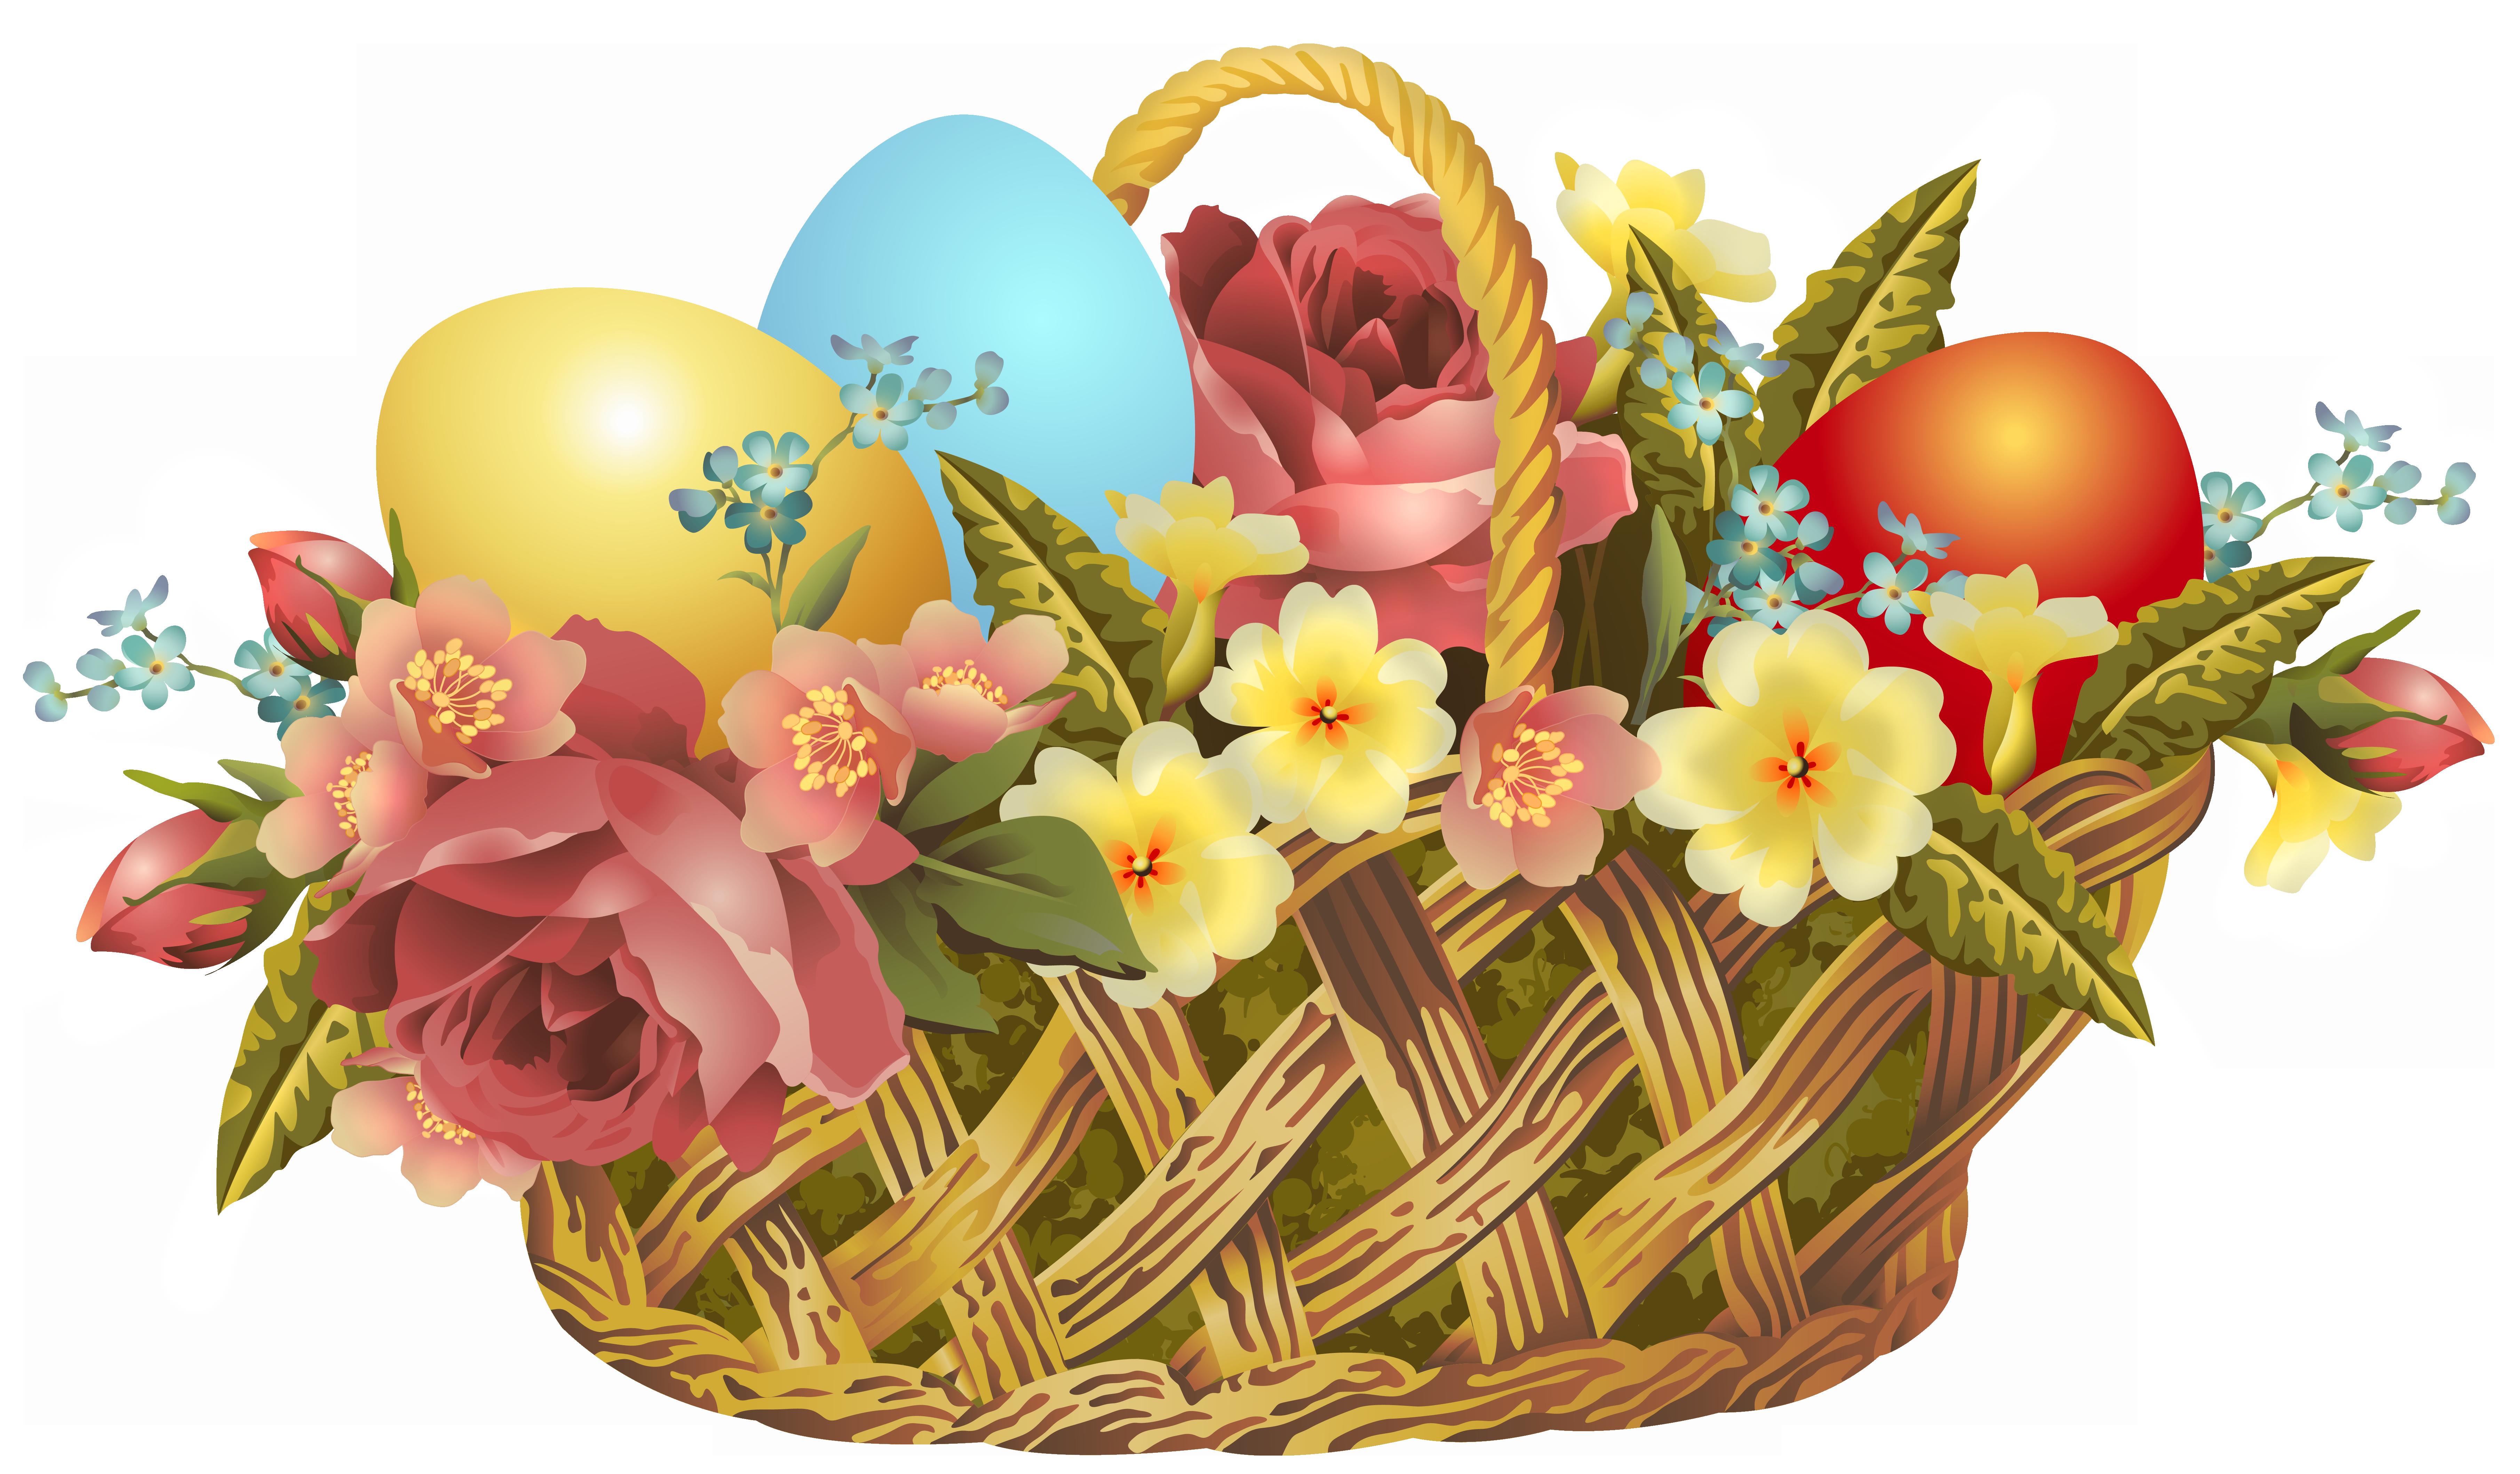 Vintage easter basket clipart download Vintage Easter Basket Transparent PNG Clip Art Image download